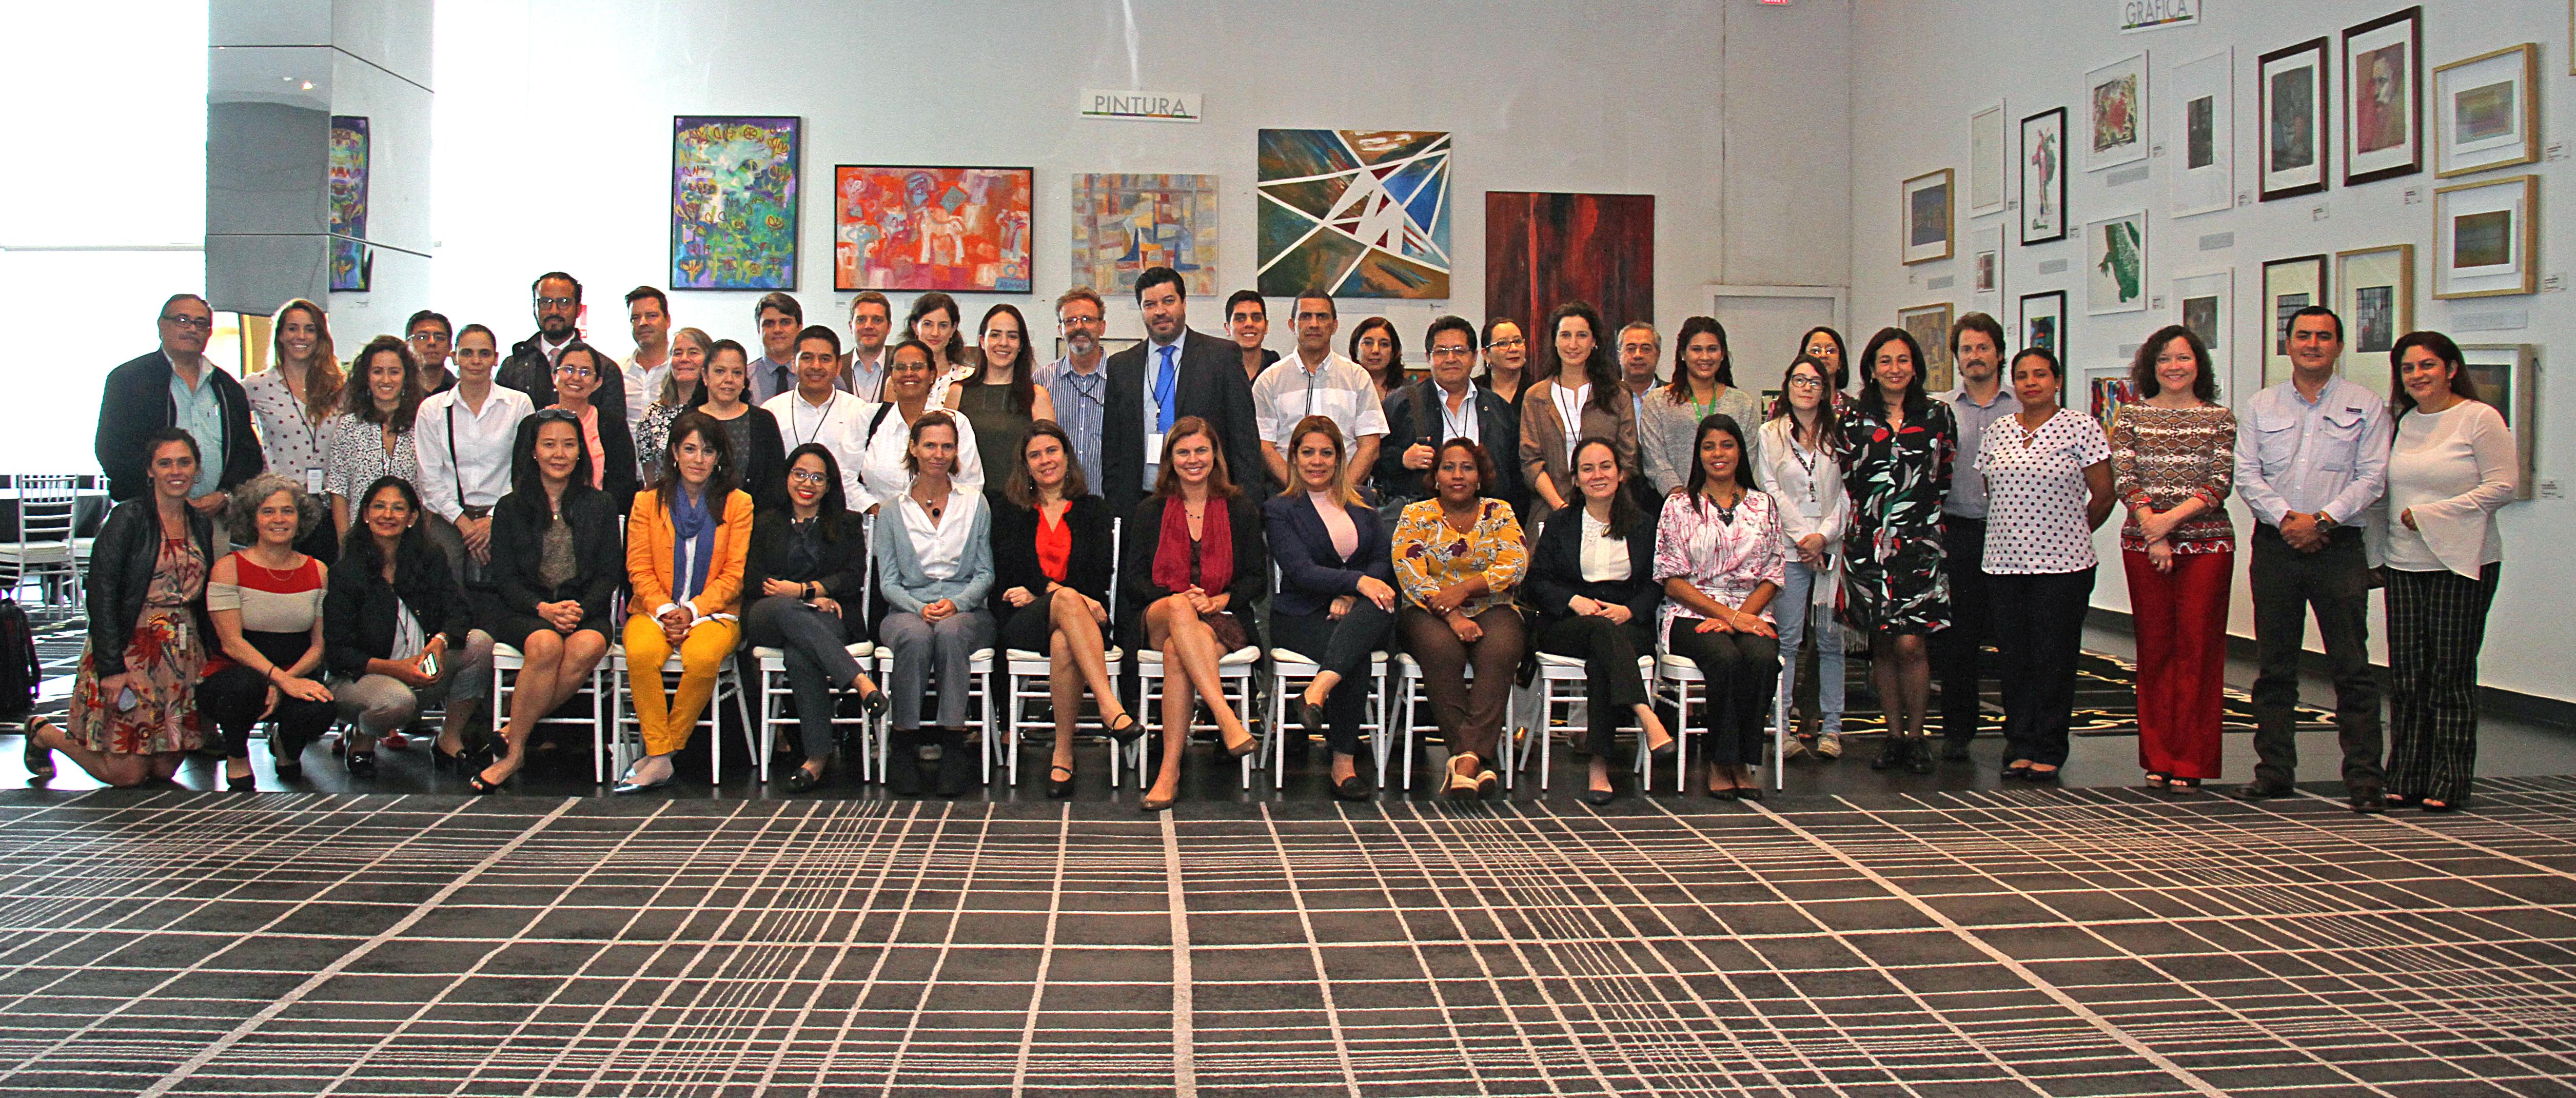 2018, Ciudad de Panamá, Panamá - Taller Regional de Capacitación sobre Innovación y Planes Nacionales de Adaptación